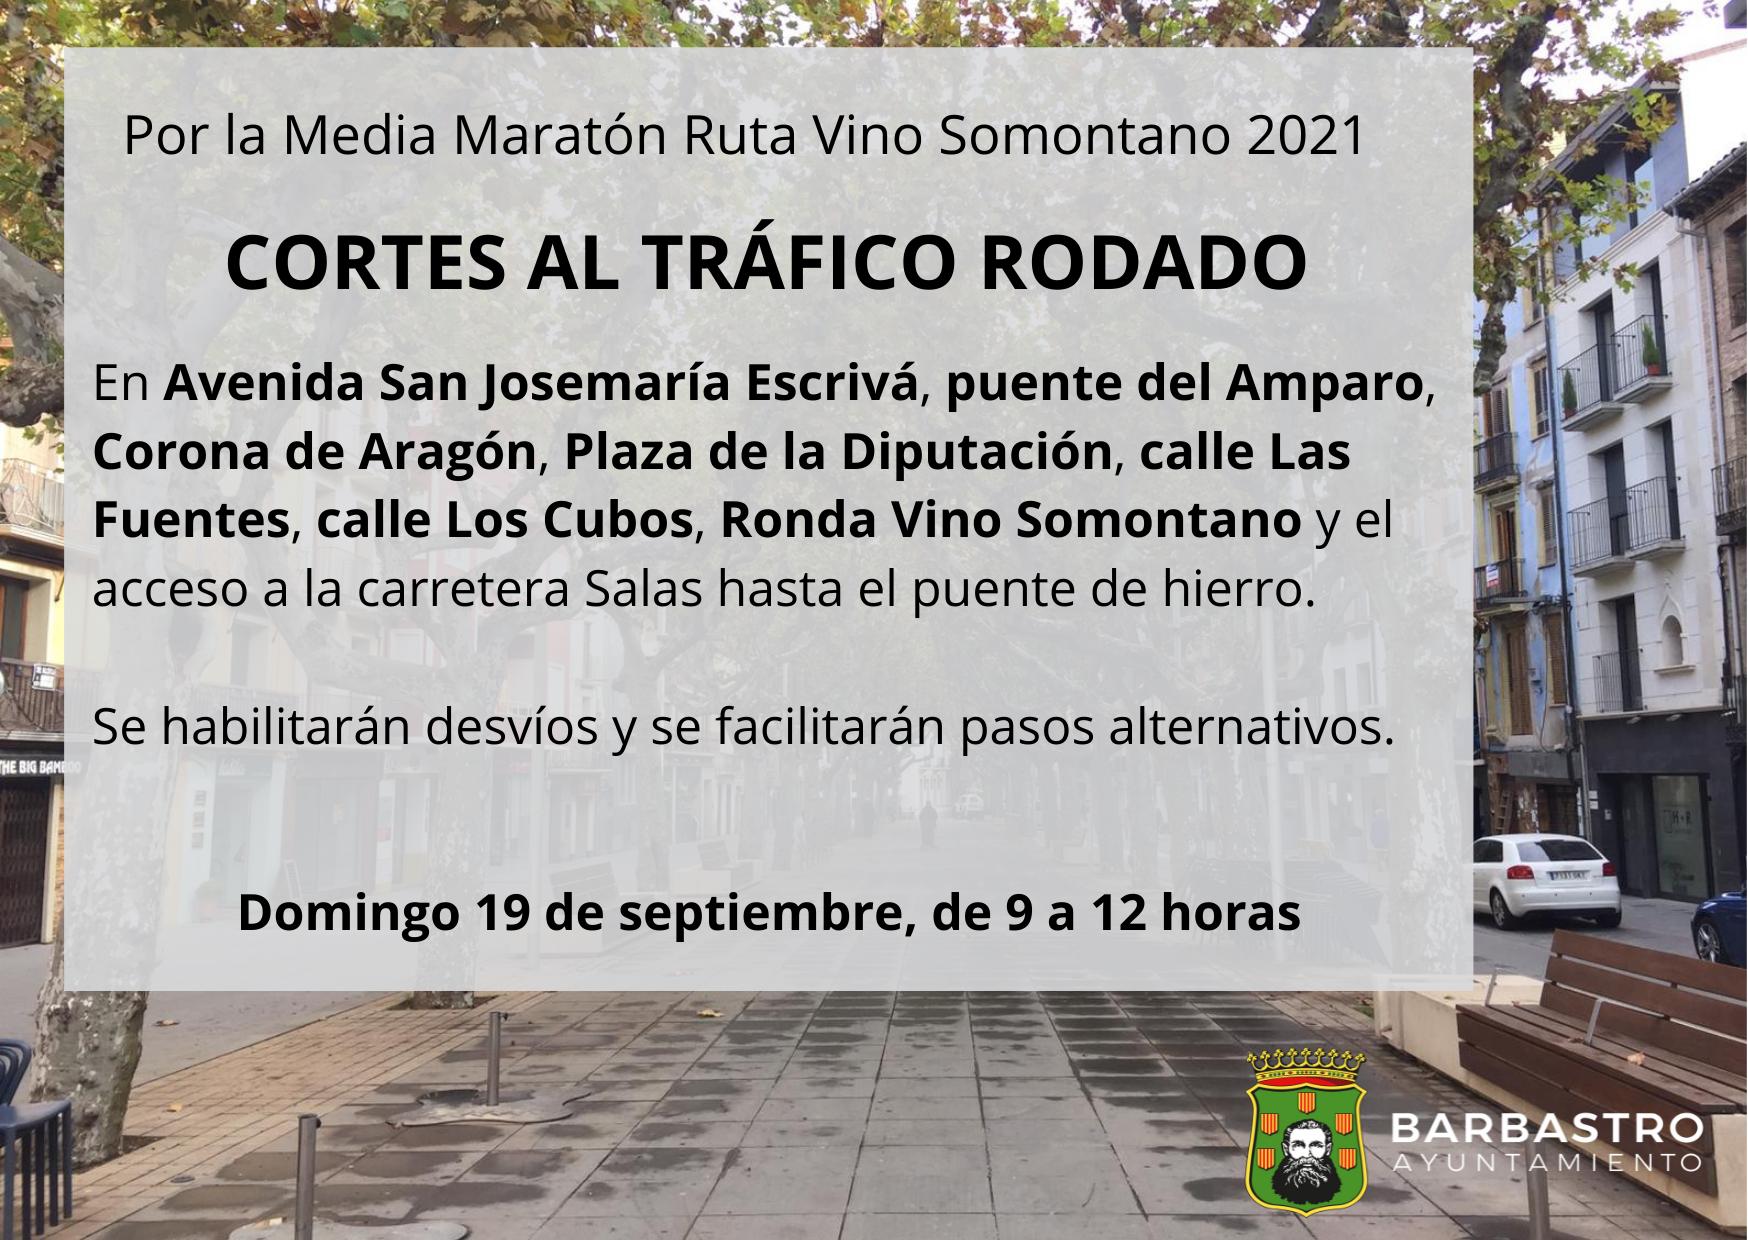 Restricciones al tráfico con motivo del XXIX Medio Maratón Ruta Vino Somontano